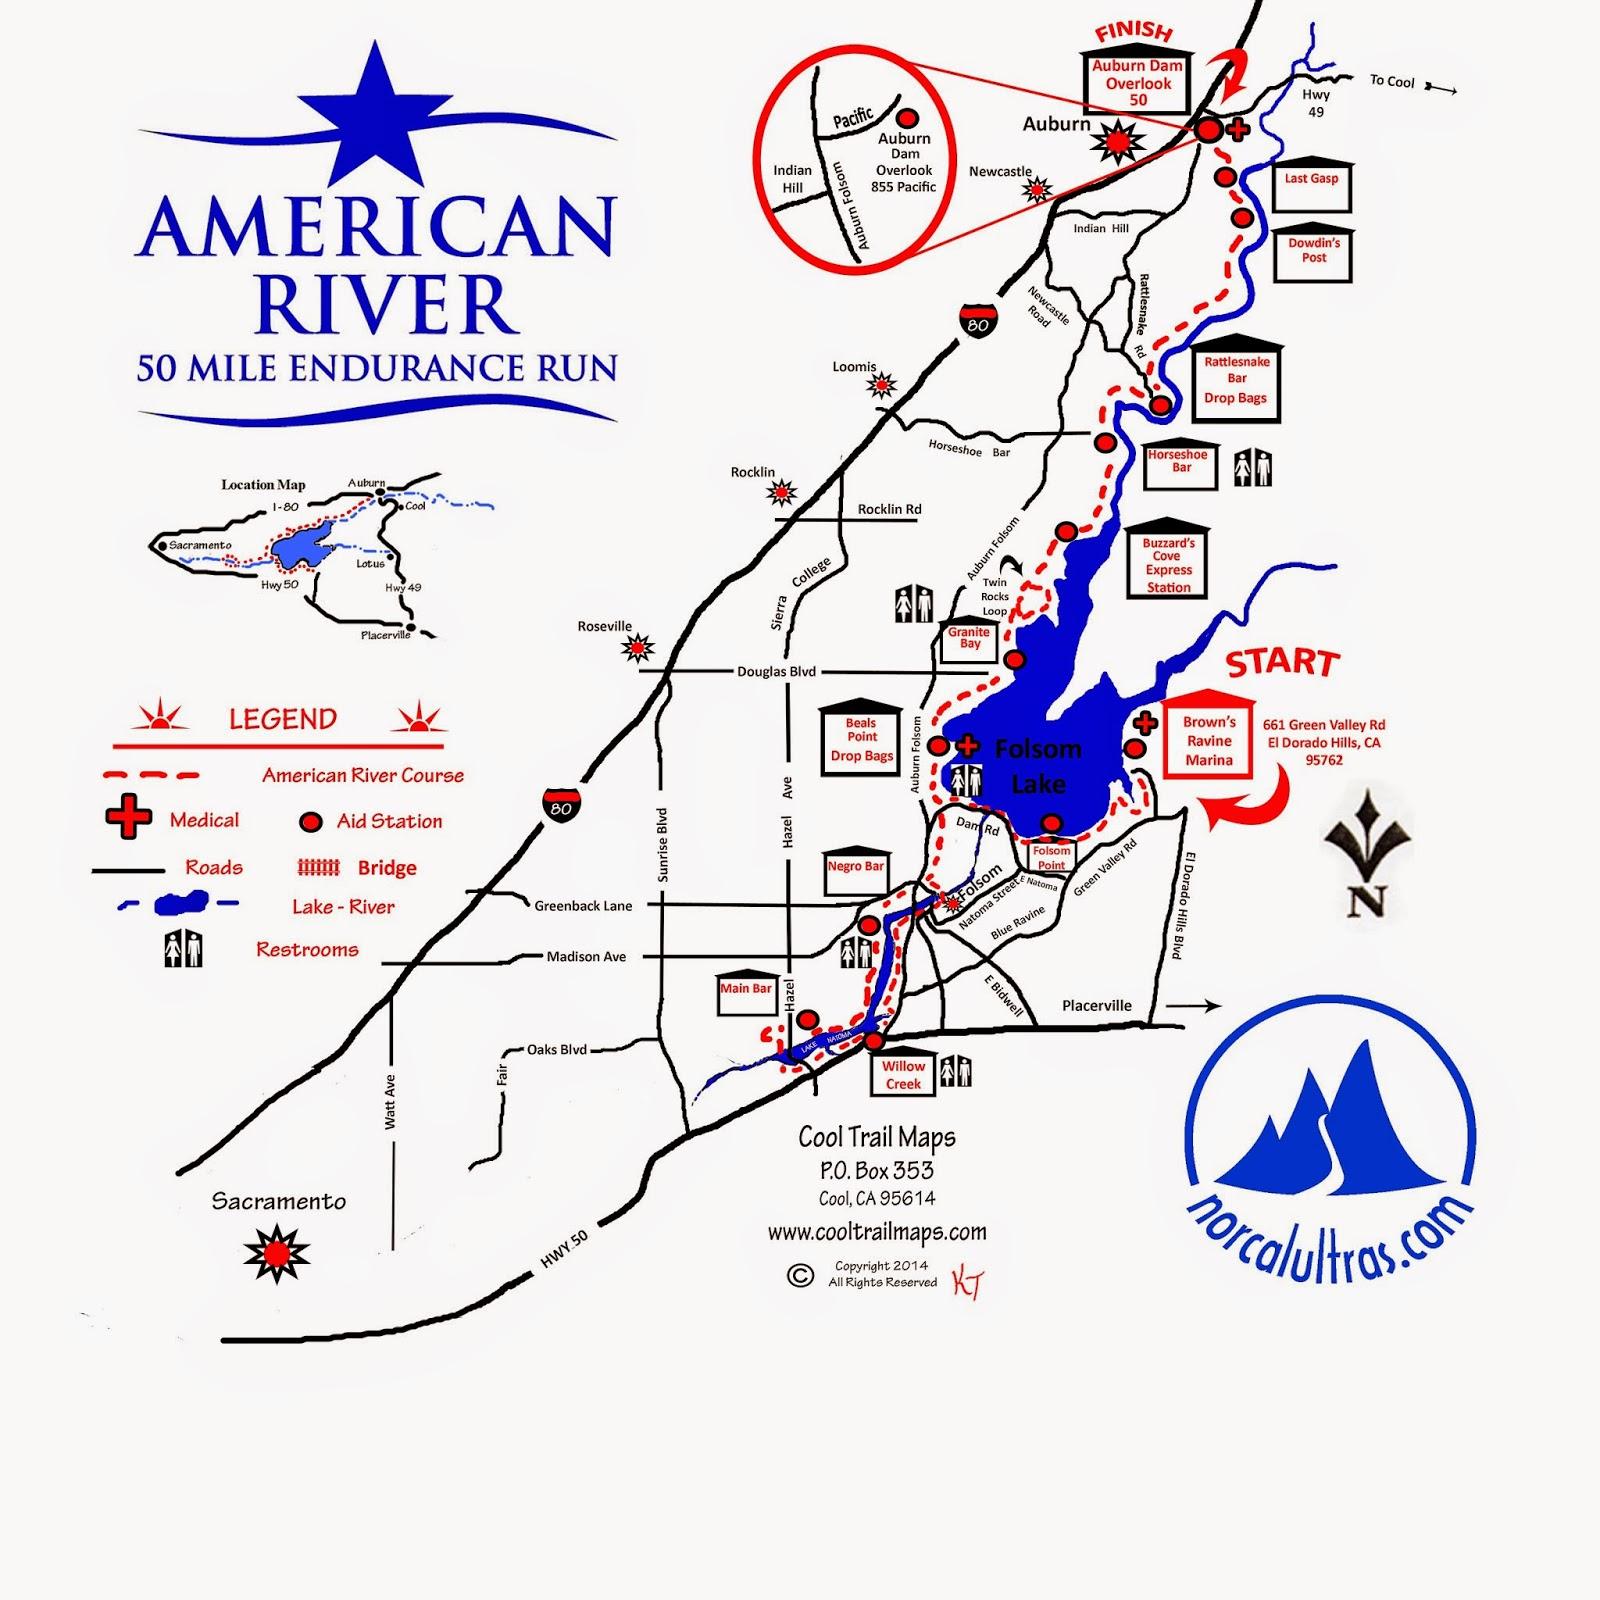 http://ar50mile.com/docs/Official-Course-Map-AR50-2014.pdf